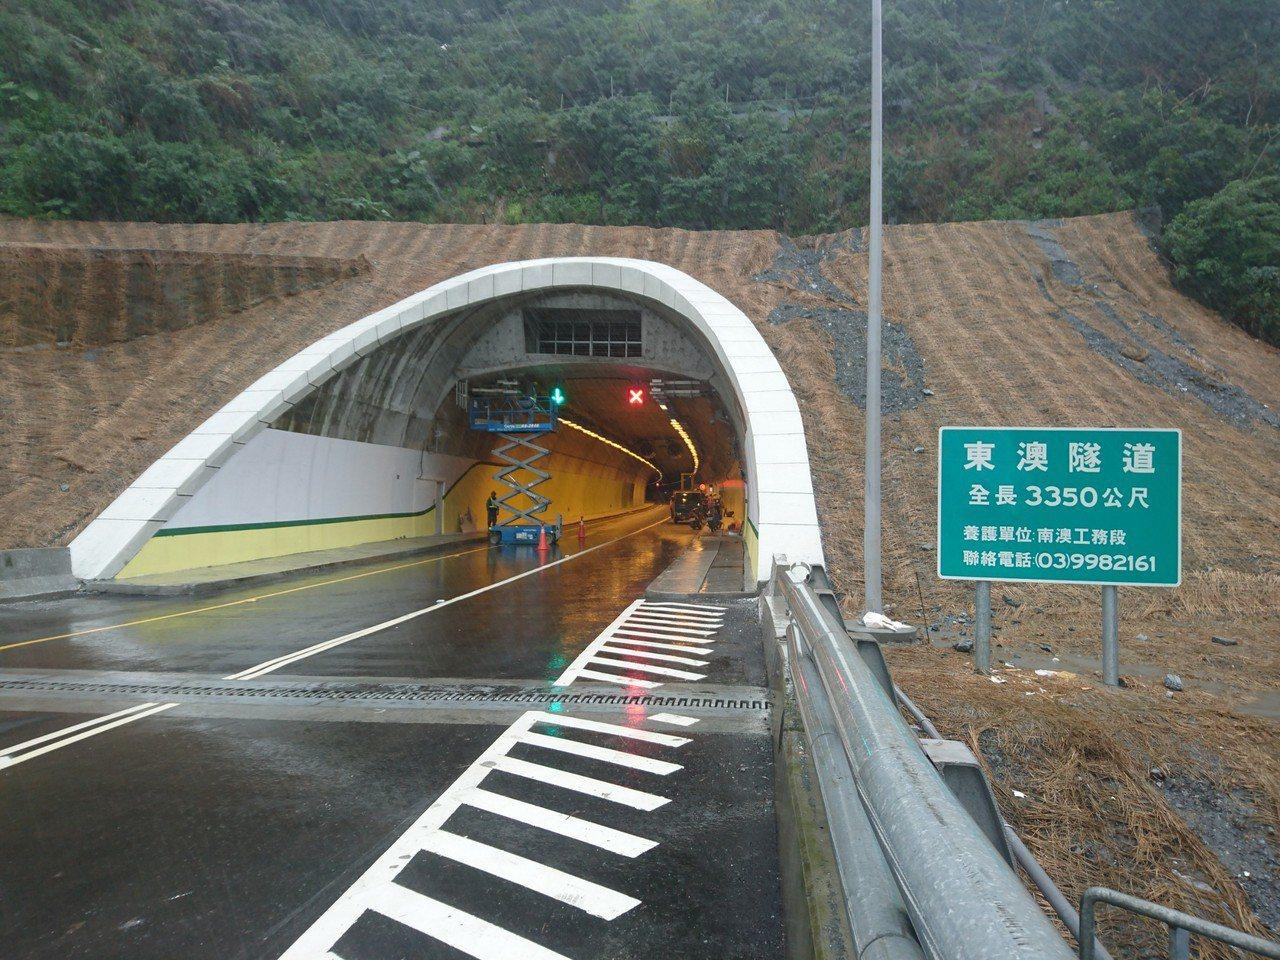 蘇花改將於明年1月5日正式通車,北花國道客運也隨之上路,未來大台北往返花蓮只要3...